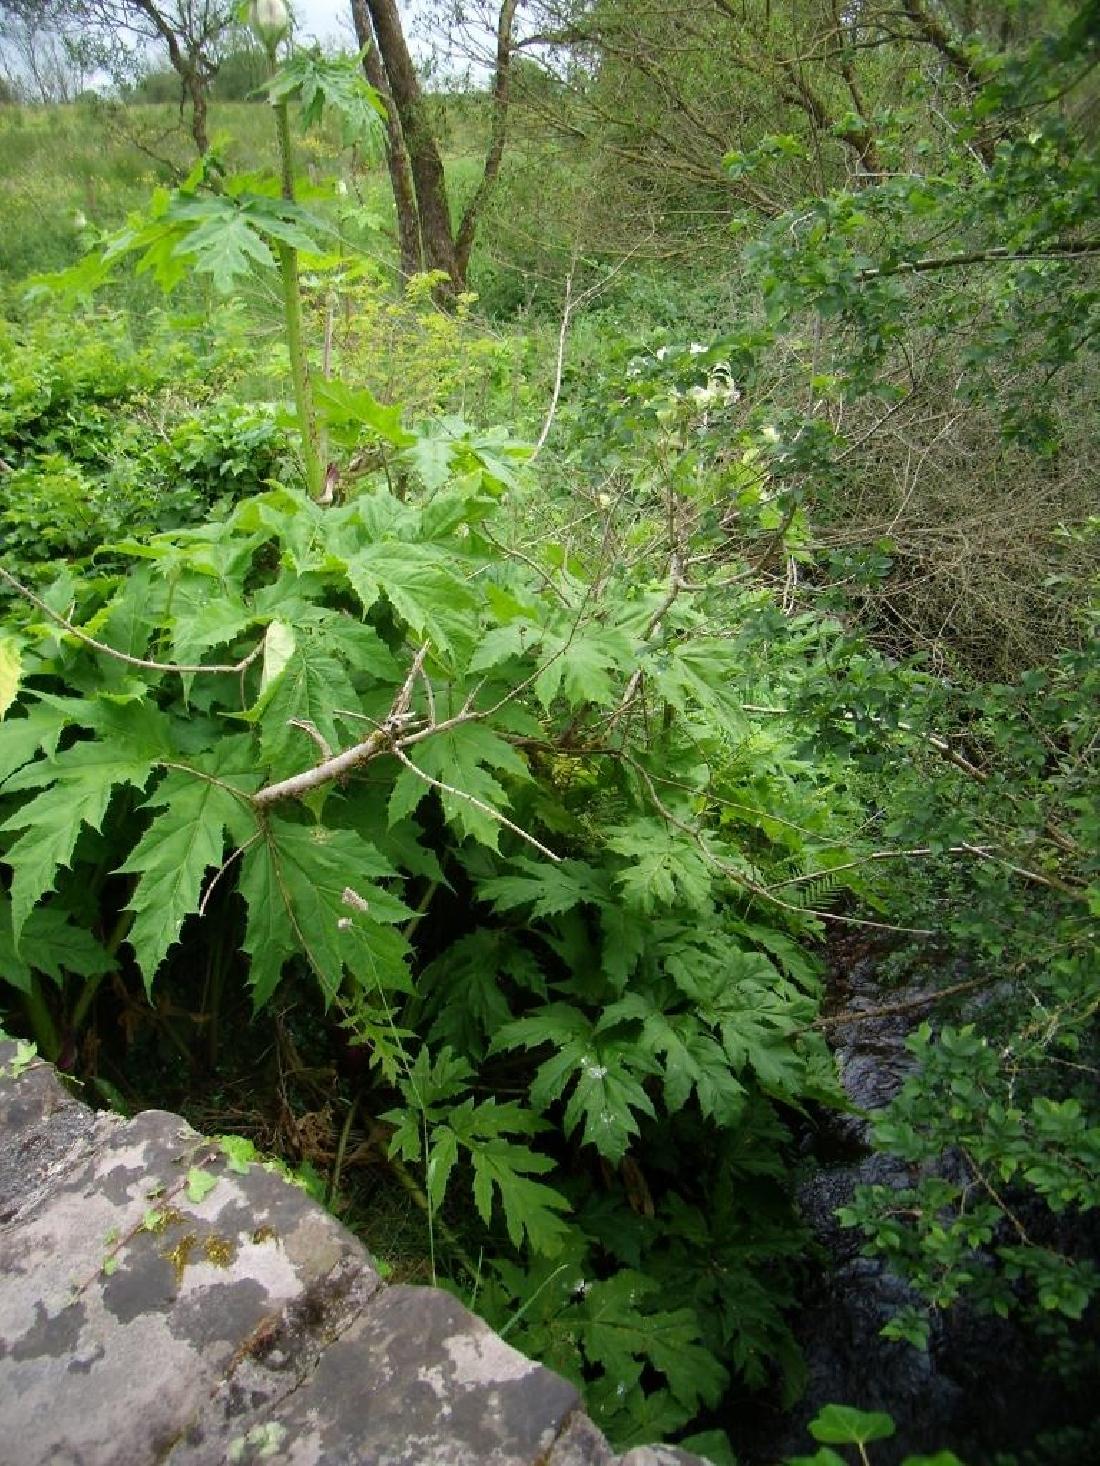 G.H. - Infestation on rural stream